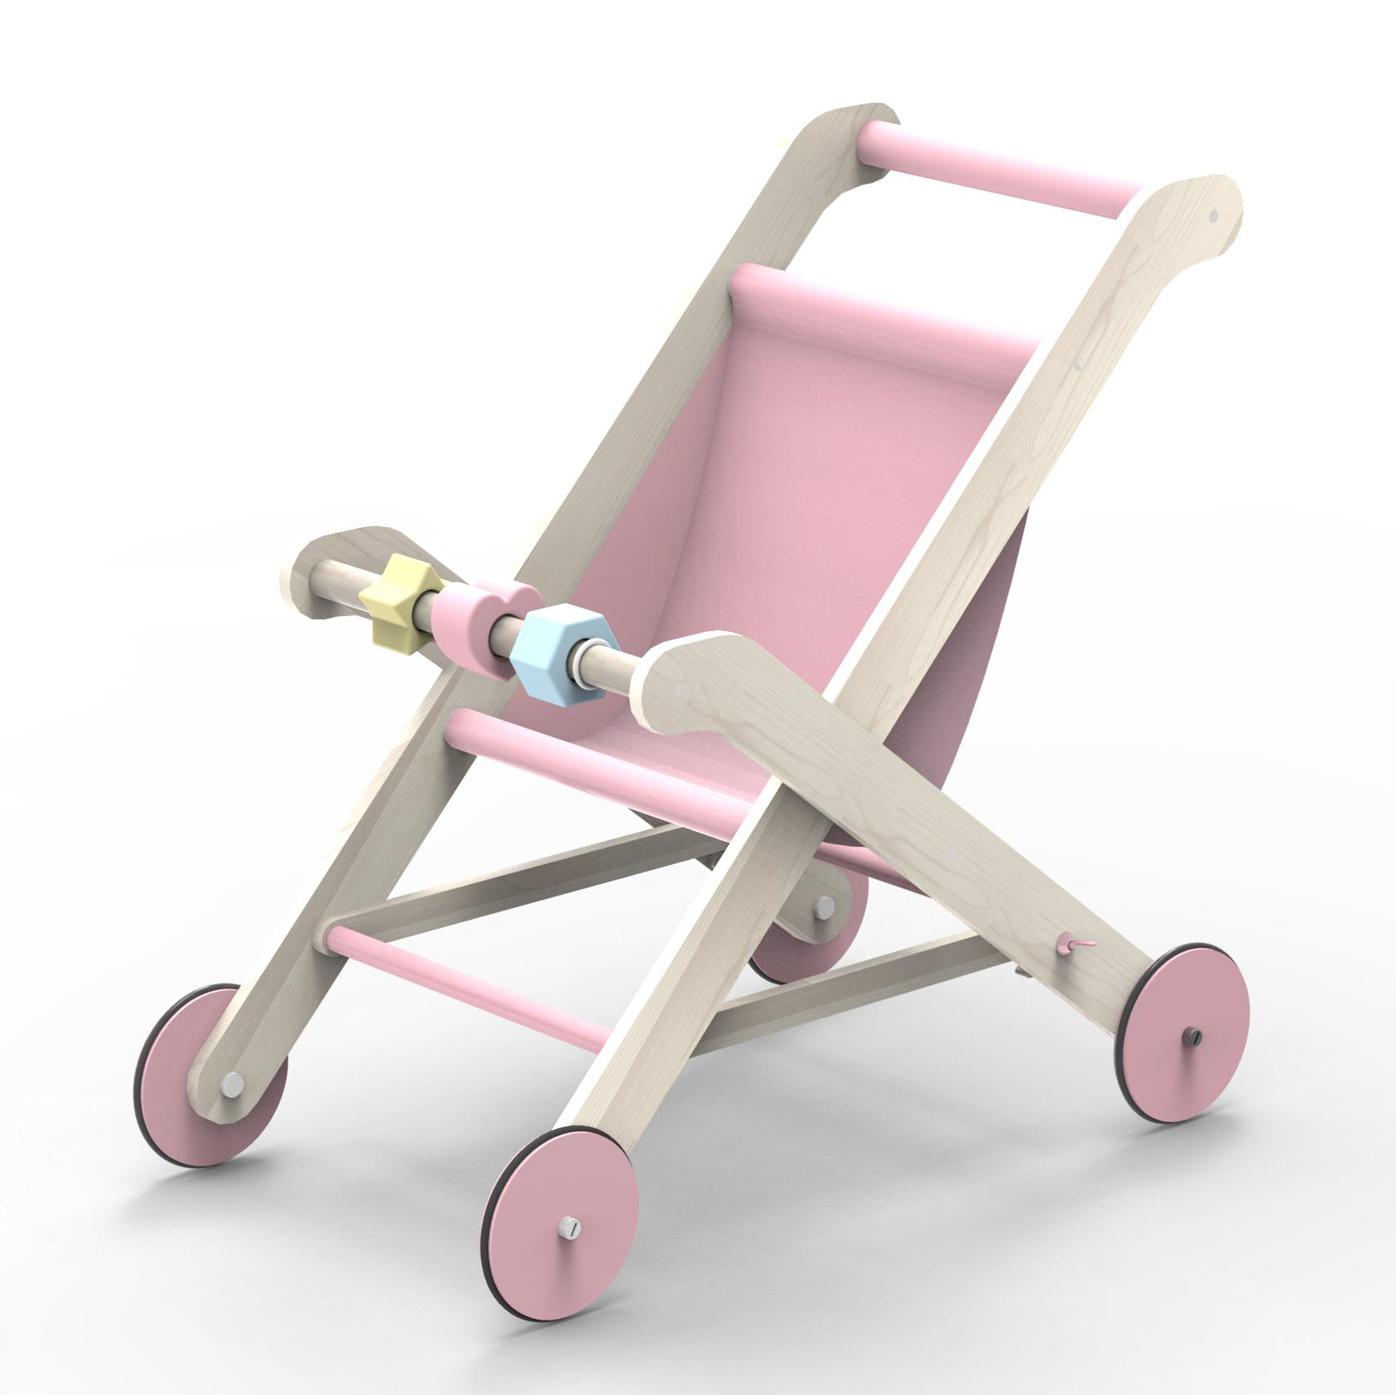 Moover - Pink Stroller